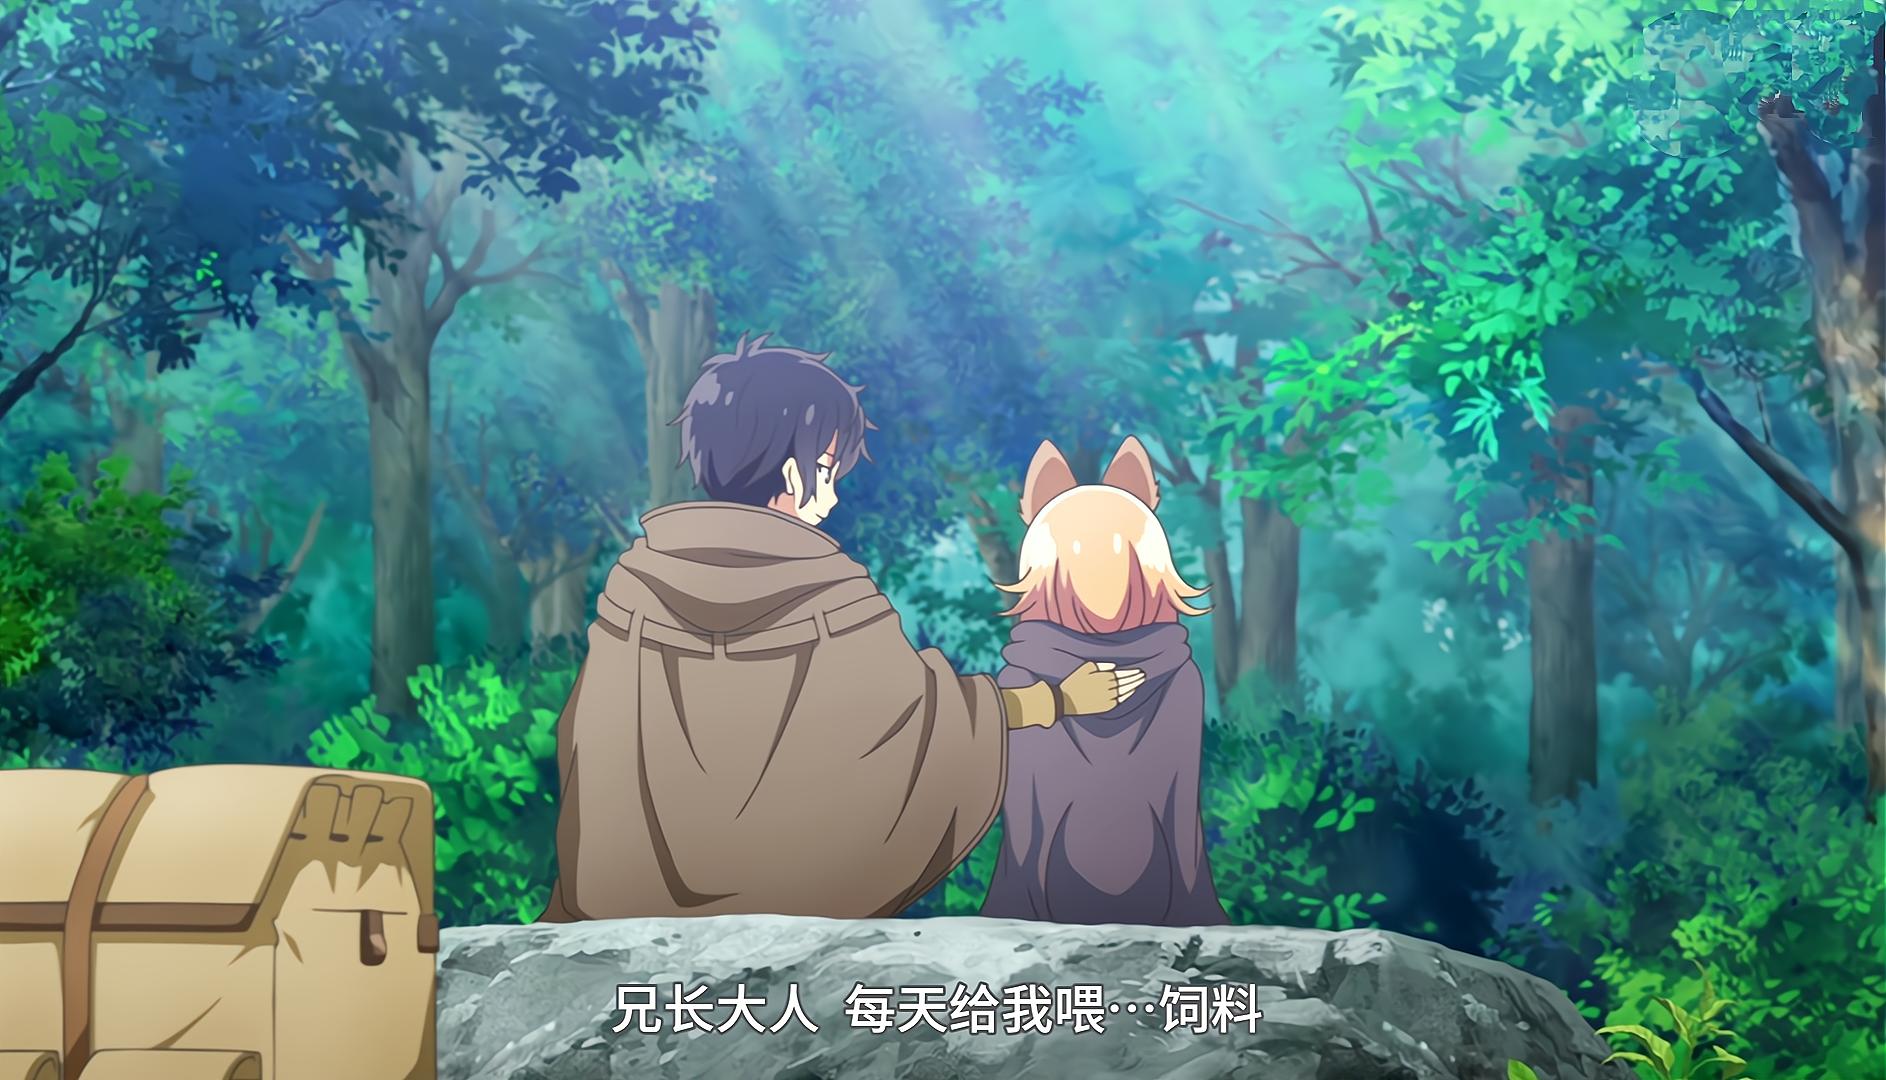 《精靈幻想記》第四話,所有人都在注意小狐娘,會長才是最佳女友